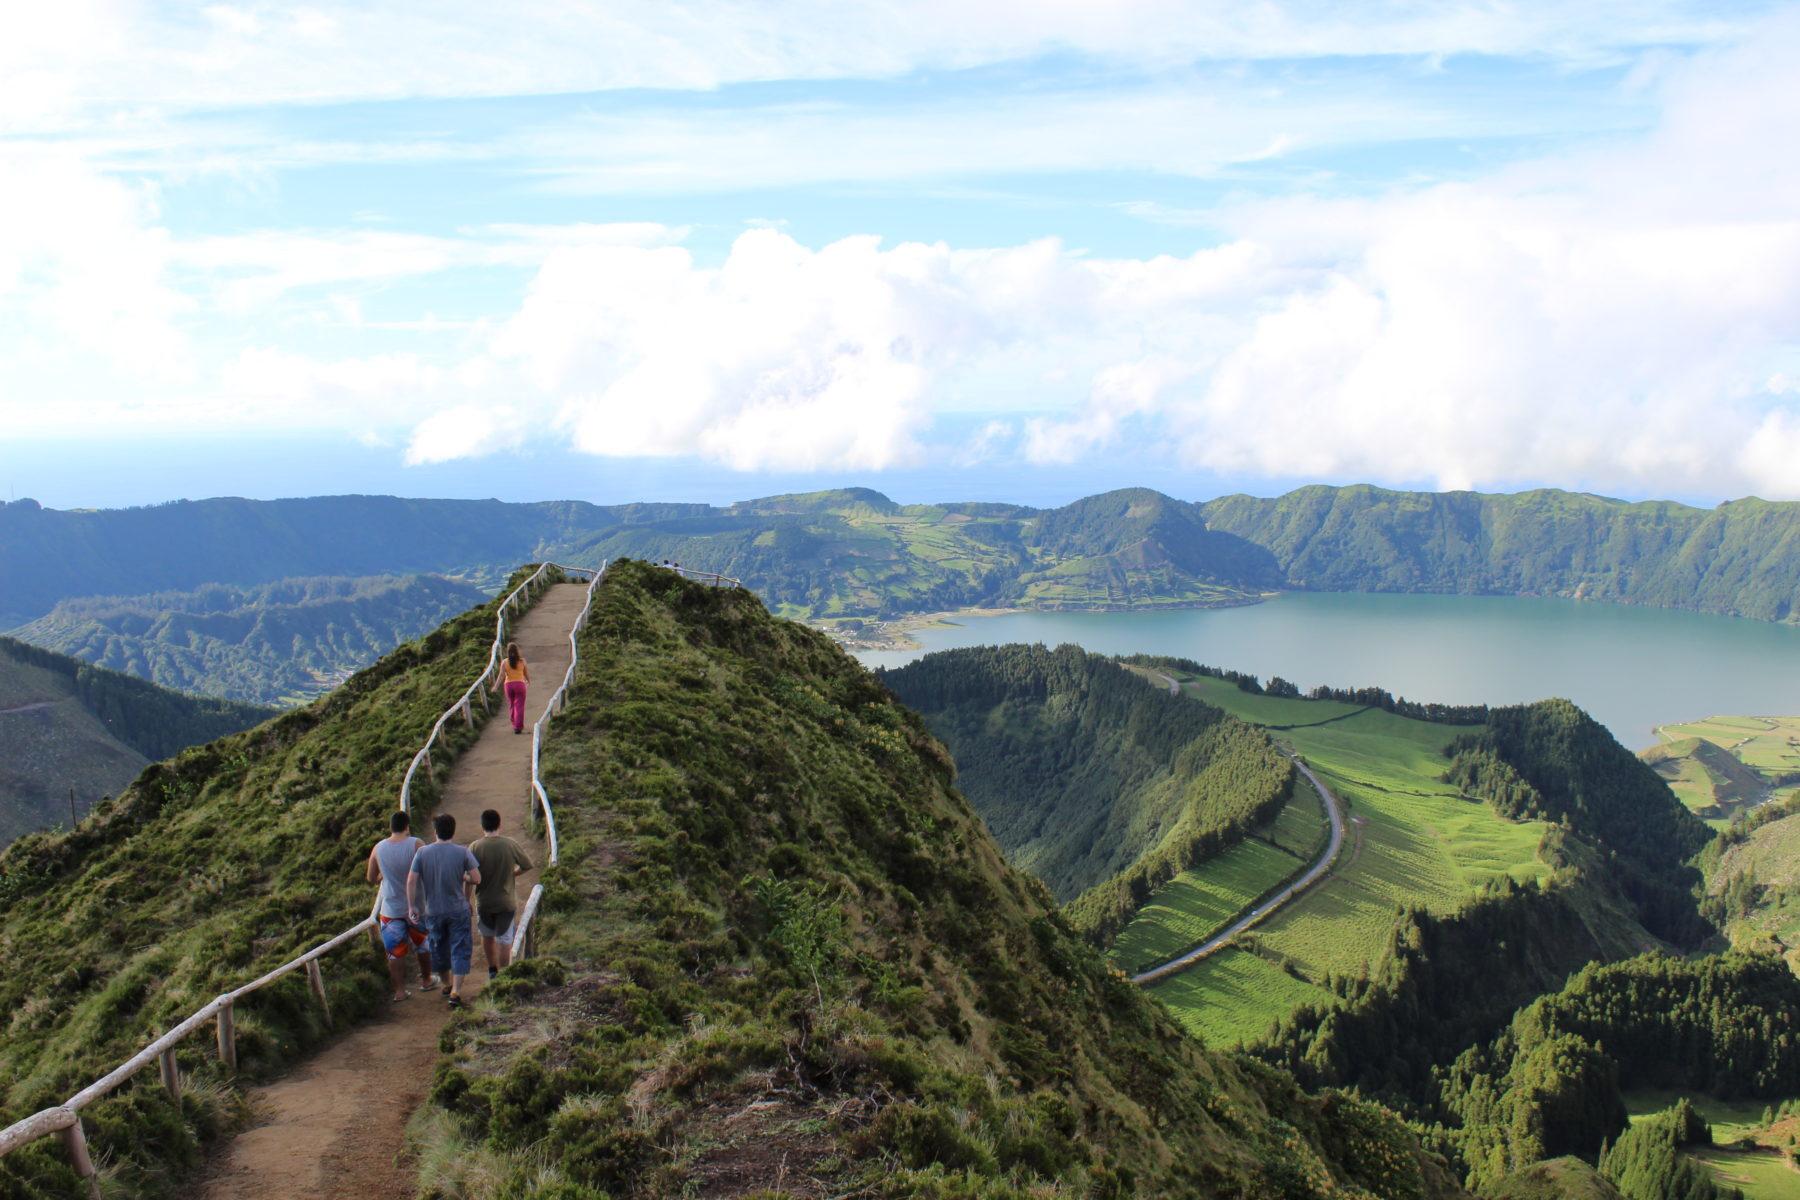 Miradouro da Boca do Inferno - Lagoa do Canário - São Miguel, Açores